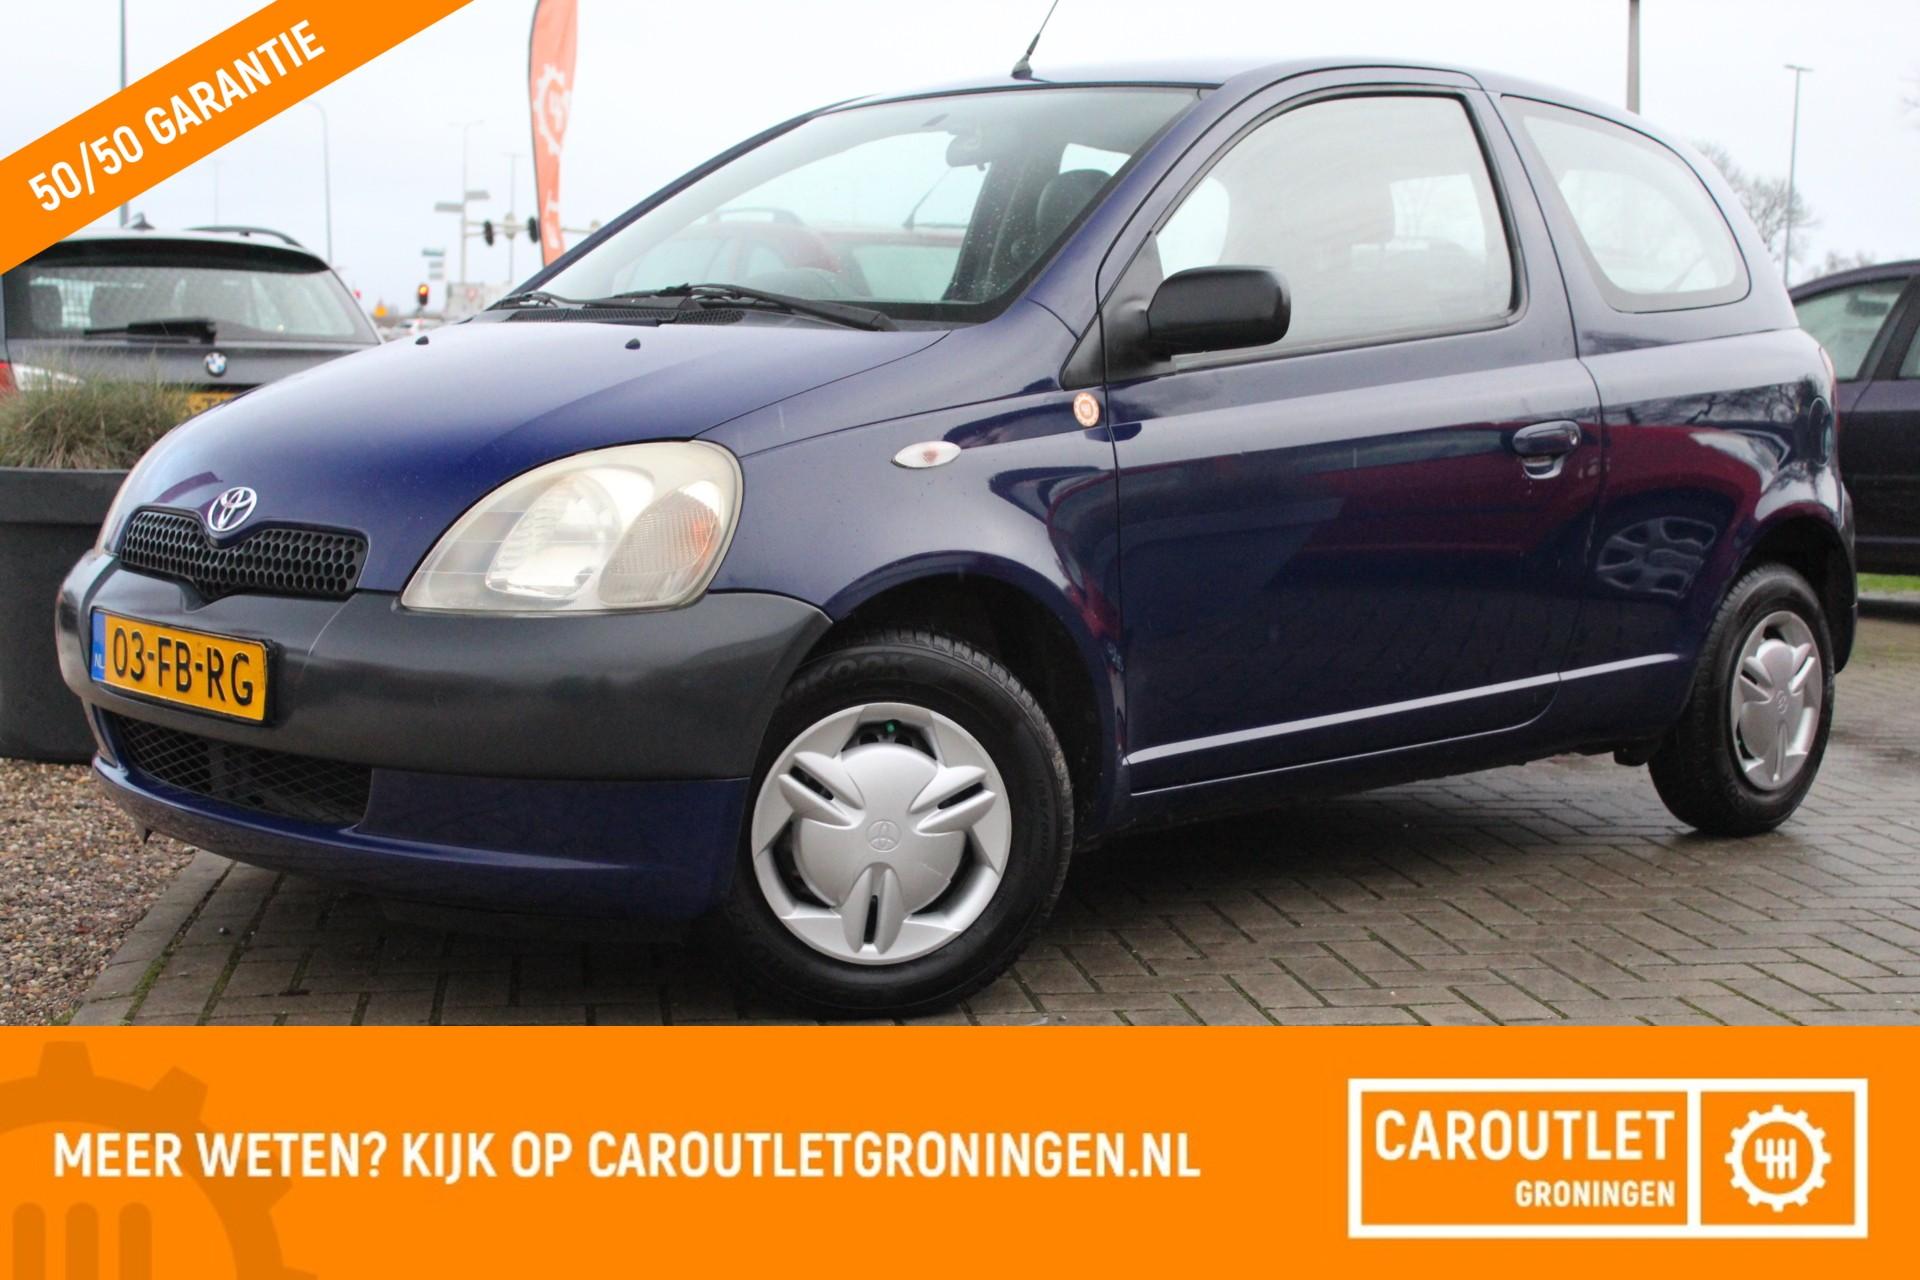 Caroutlet Groningen - Toyota Yaris 1.0-16V VVT-i Luna | NW APK | NETTE STAAT |